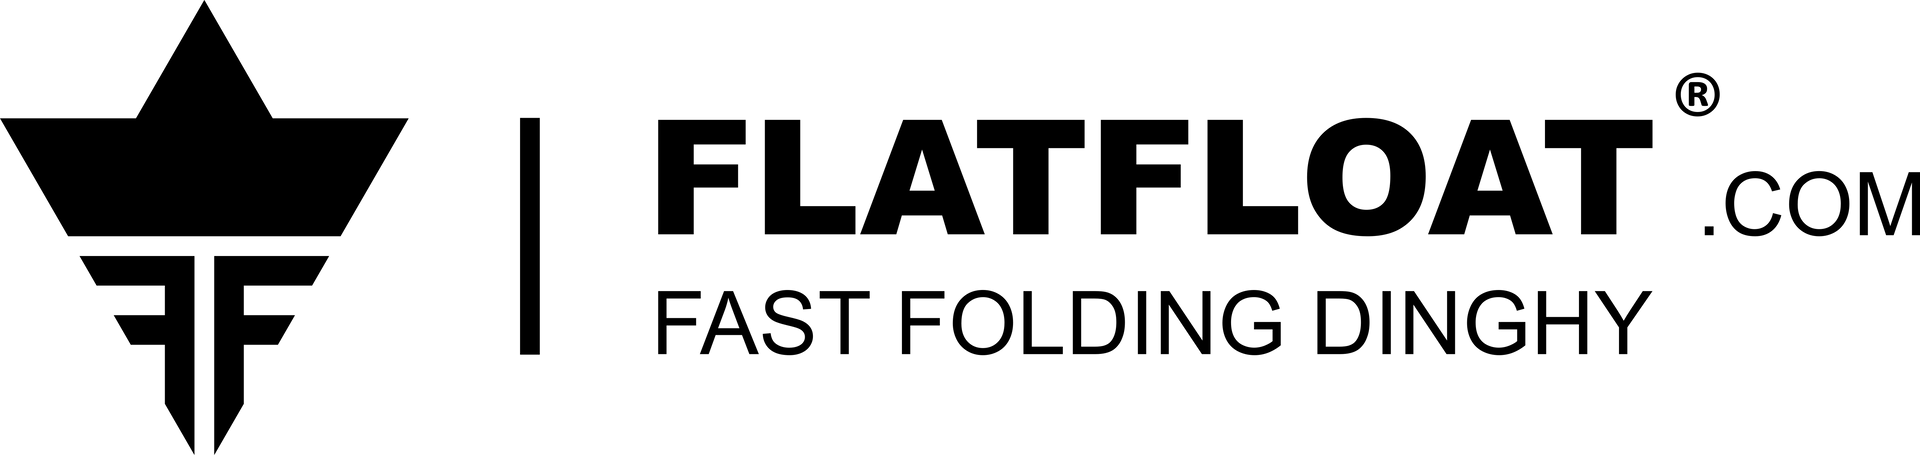 FlatFloat-logo.png